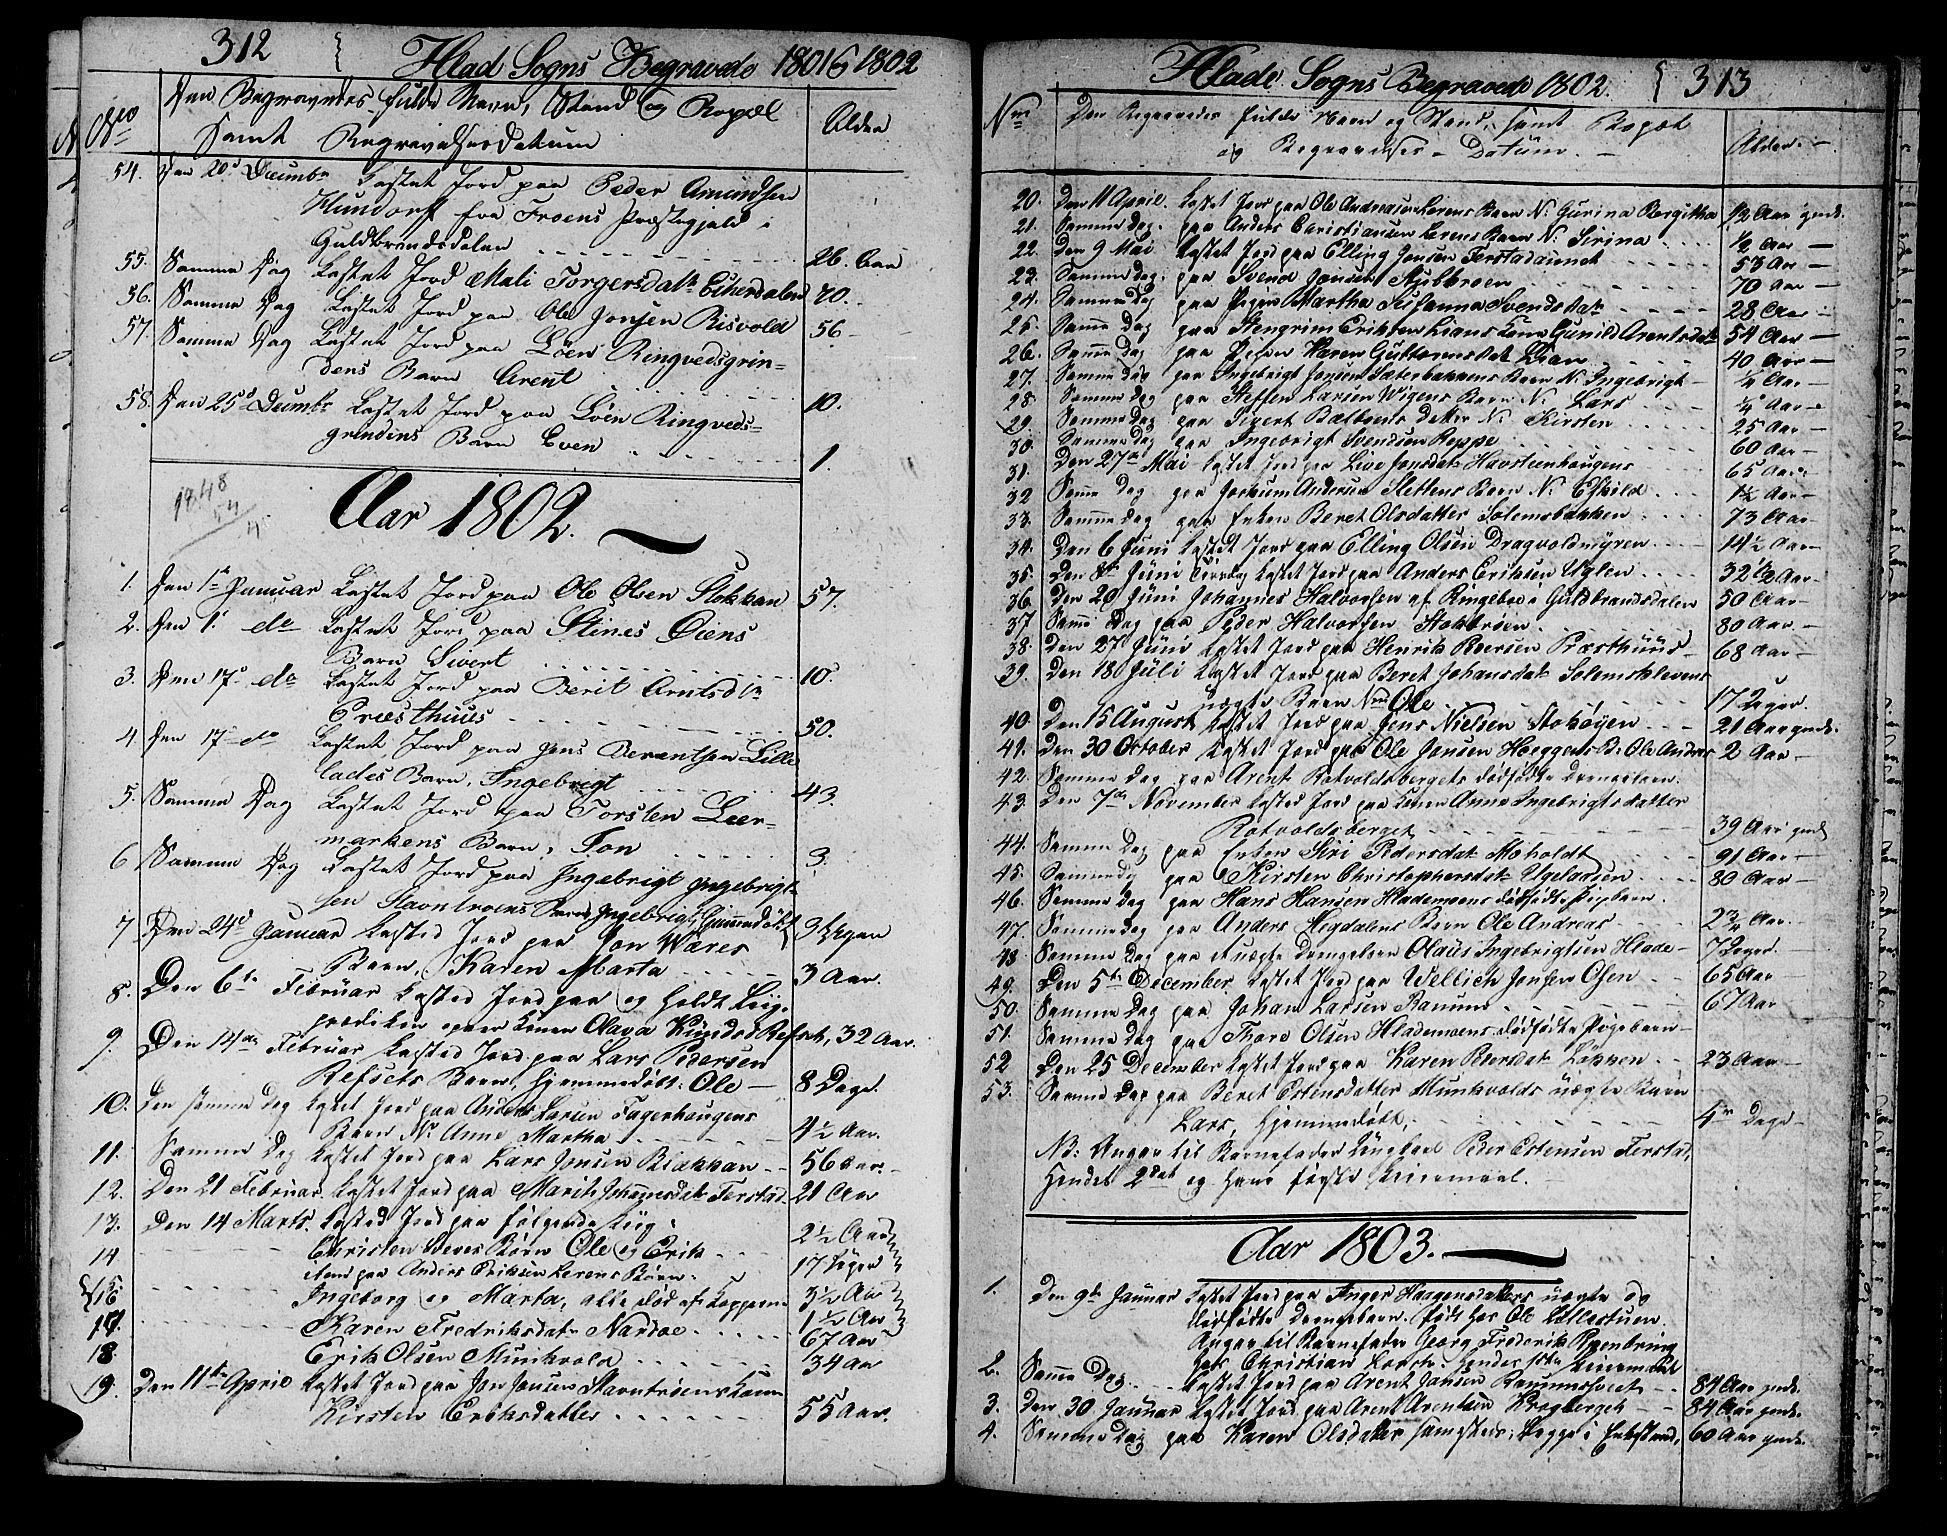 SAT, Ministerialprotokoller, klokkerbøker og fødselsregistre - Sør-Trøndelag, 606/L0306: Klokkerbok nr. 606C02, 1797-1829, s. 312-313